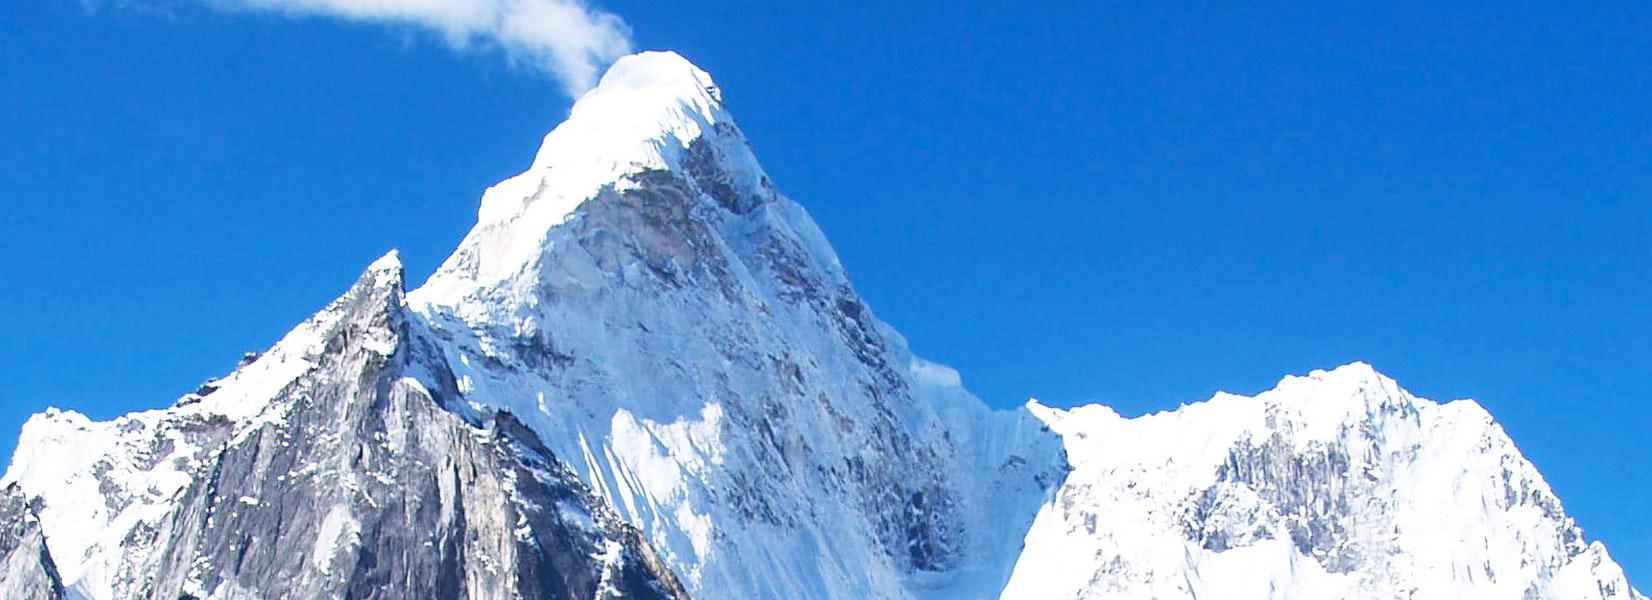 Mt.-Ama-Dablam-Expedition